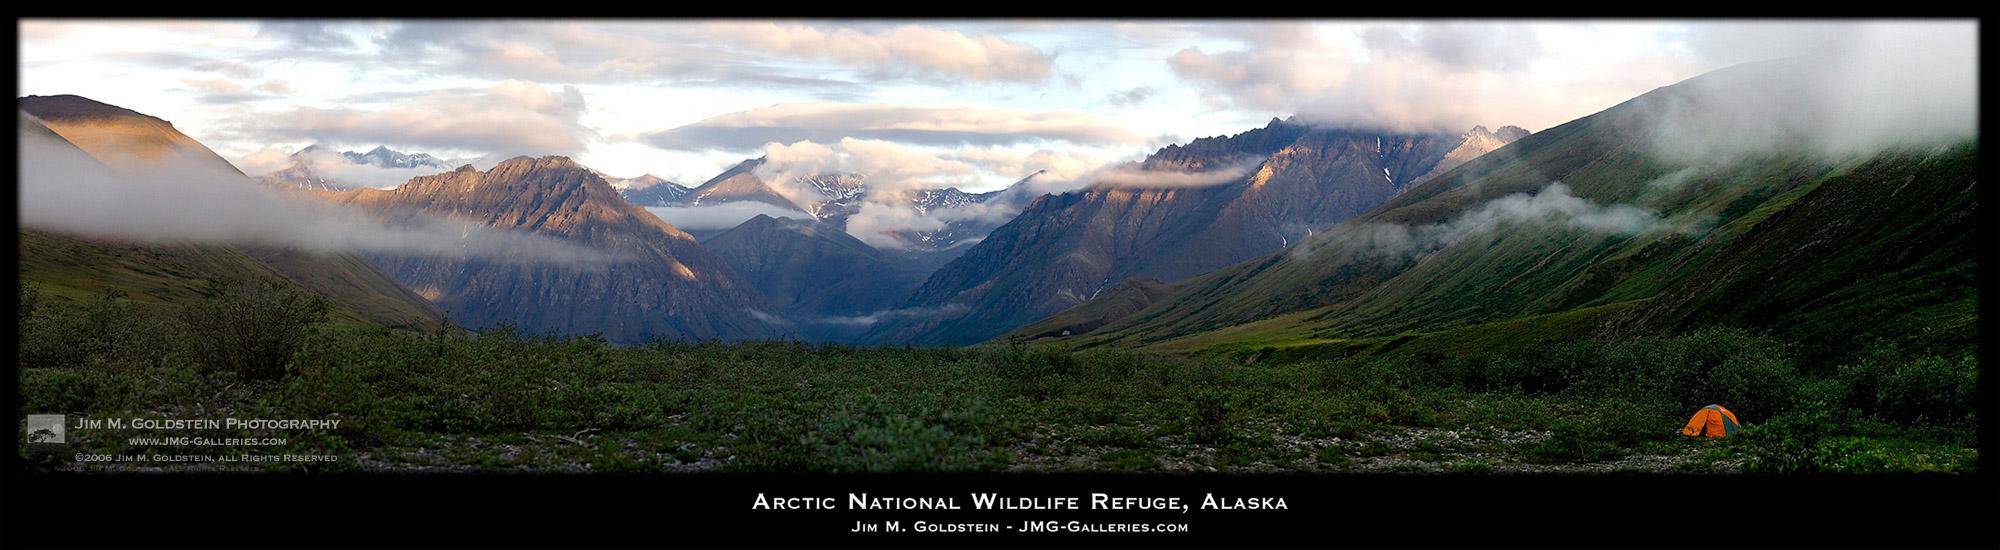 Acrtic National Wildlife Refuge